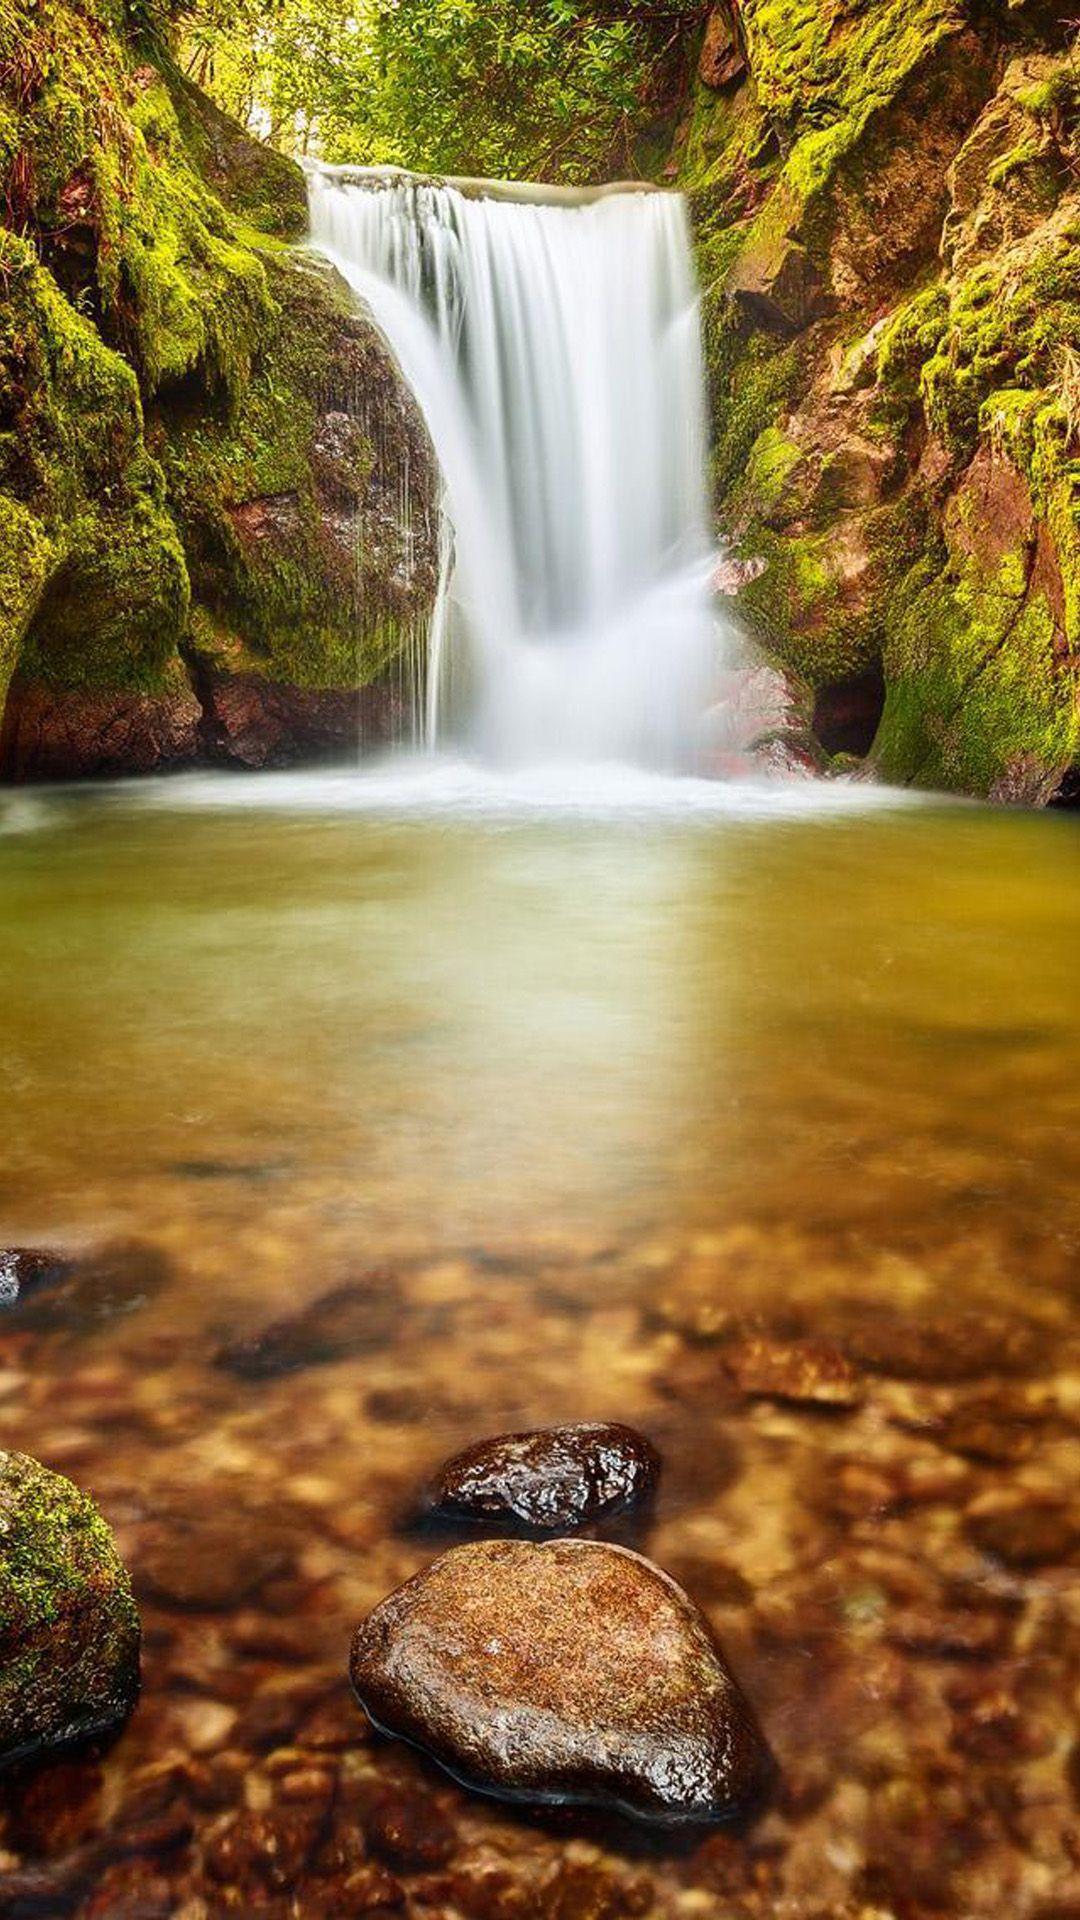 Beautiful Waterfall Landscape Iphone 8 Wallpapers Waterfall Waterfall Landscape Beautiful Waterfalls